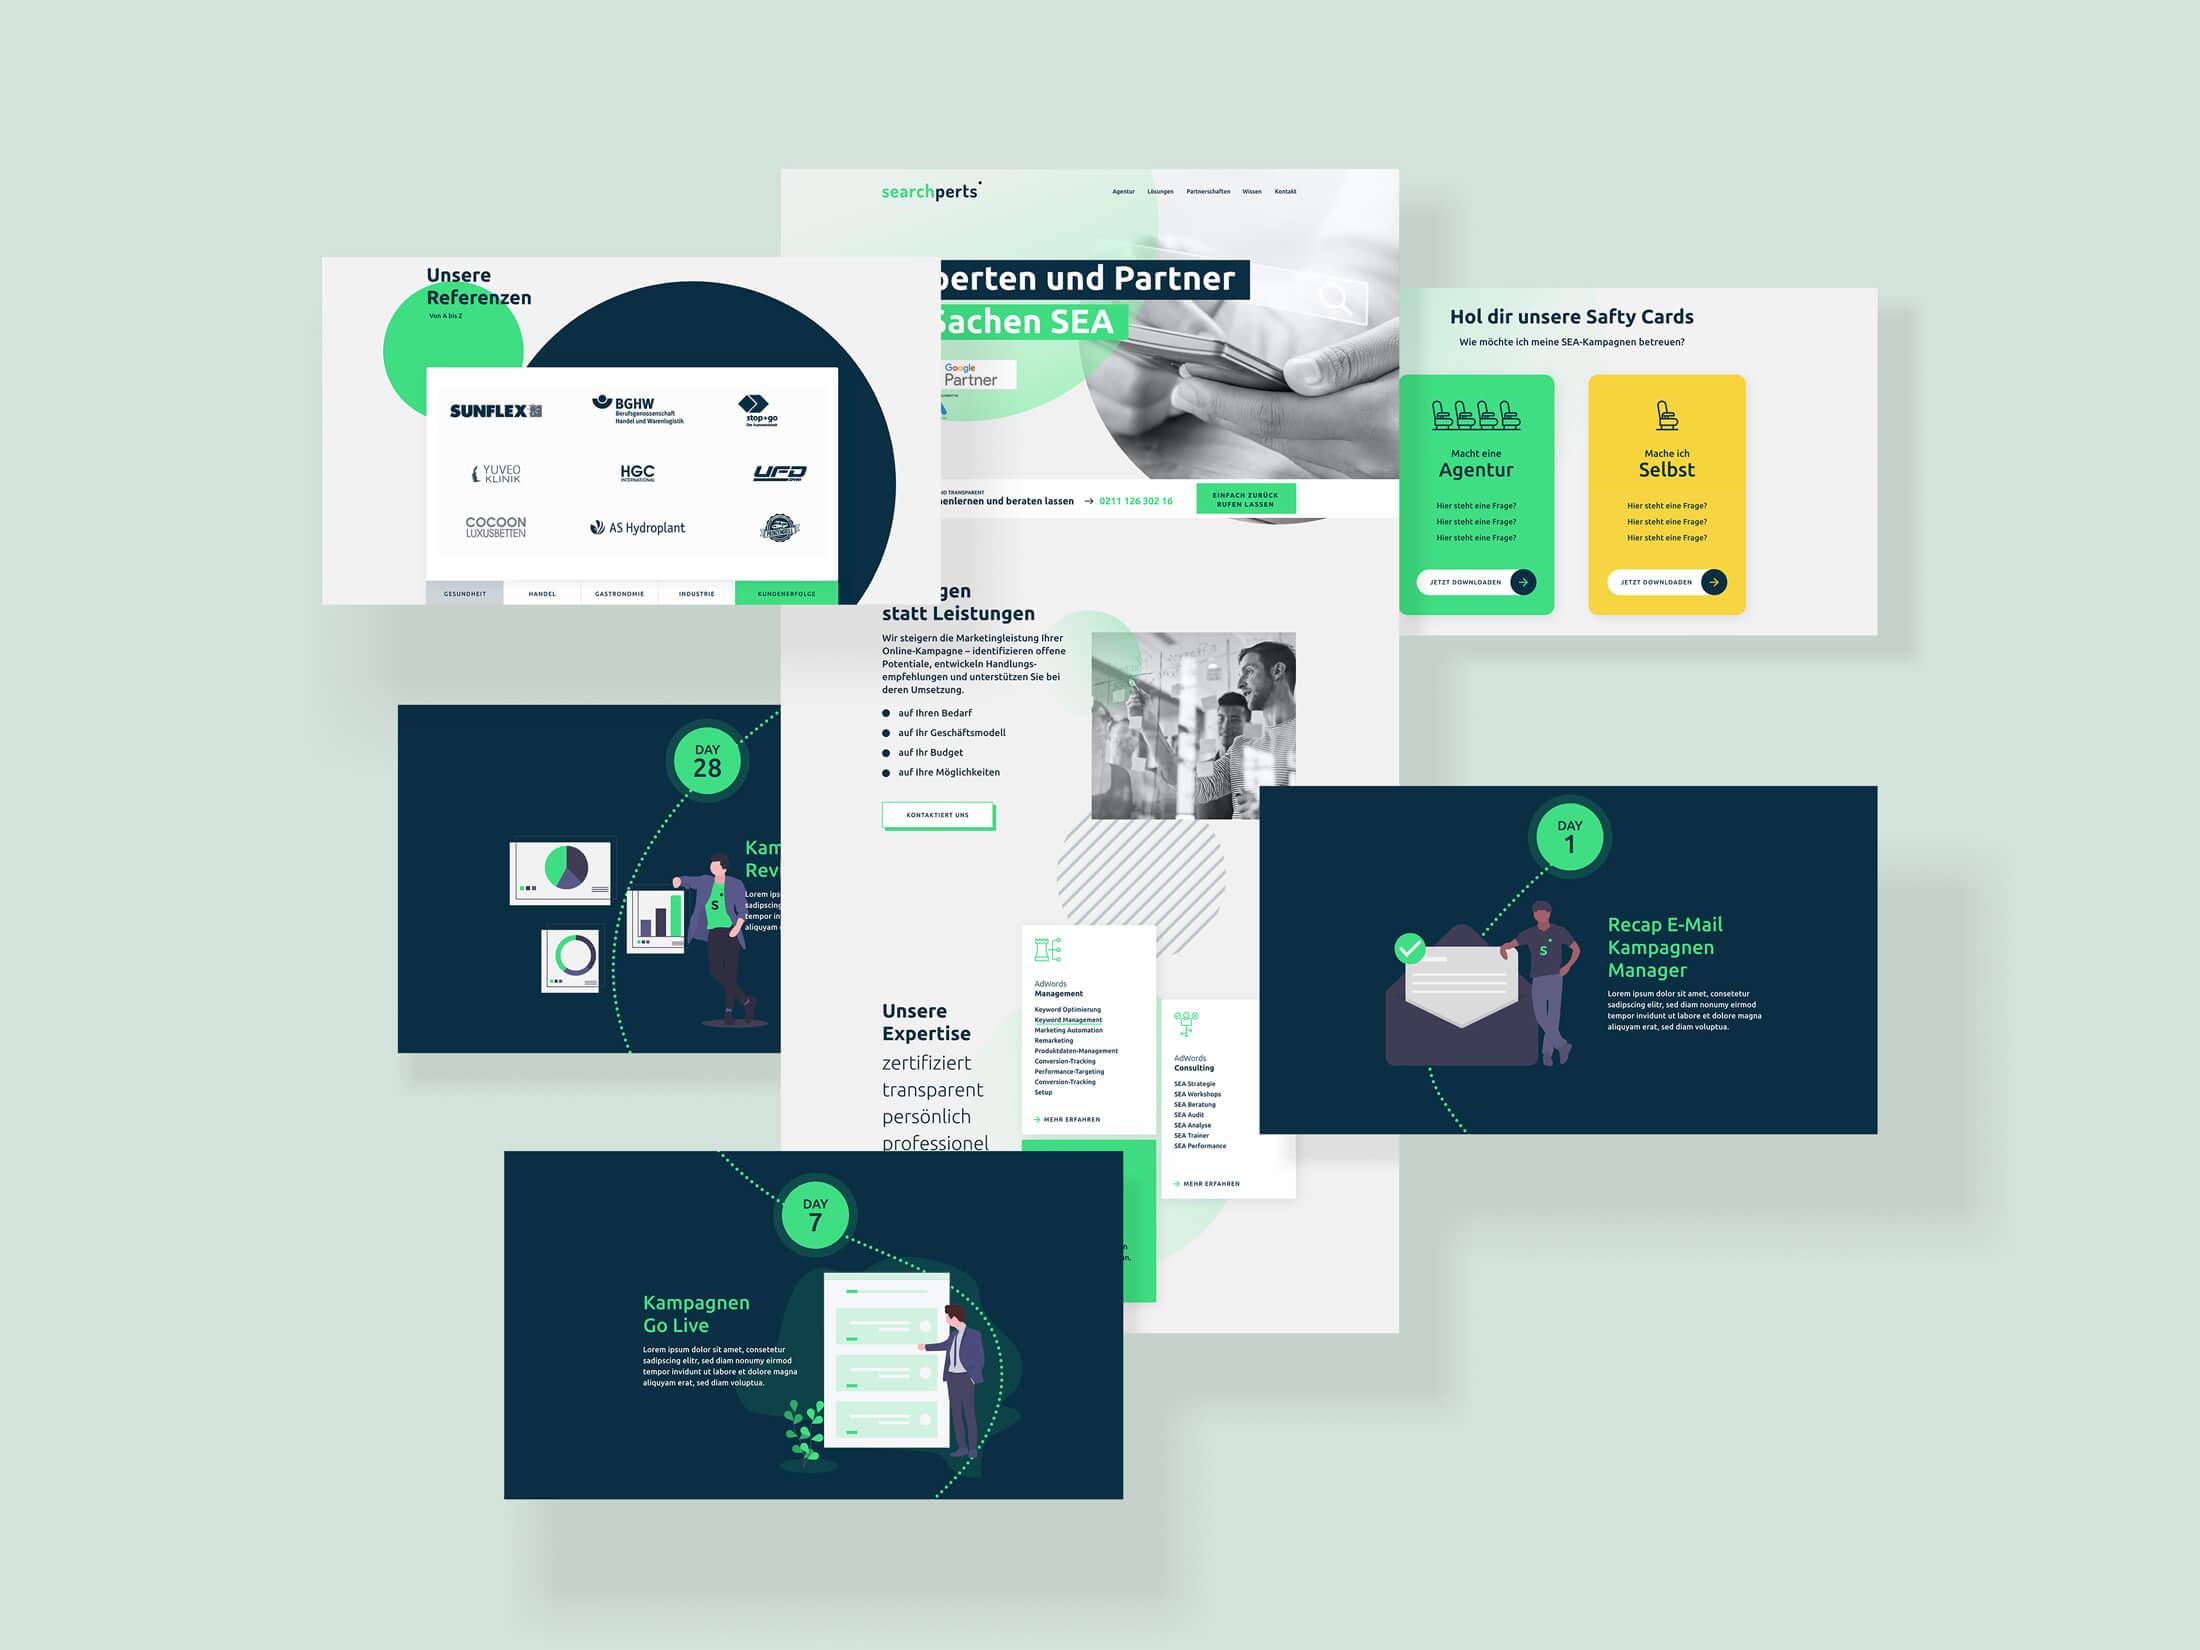 searchperts Deutschland GmbH Webdesign UI/UX Online Marketing Werbeagentur Düsseldorf